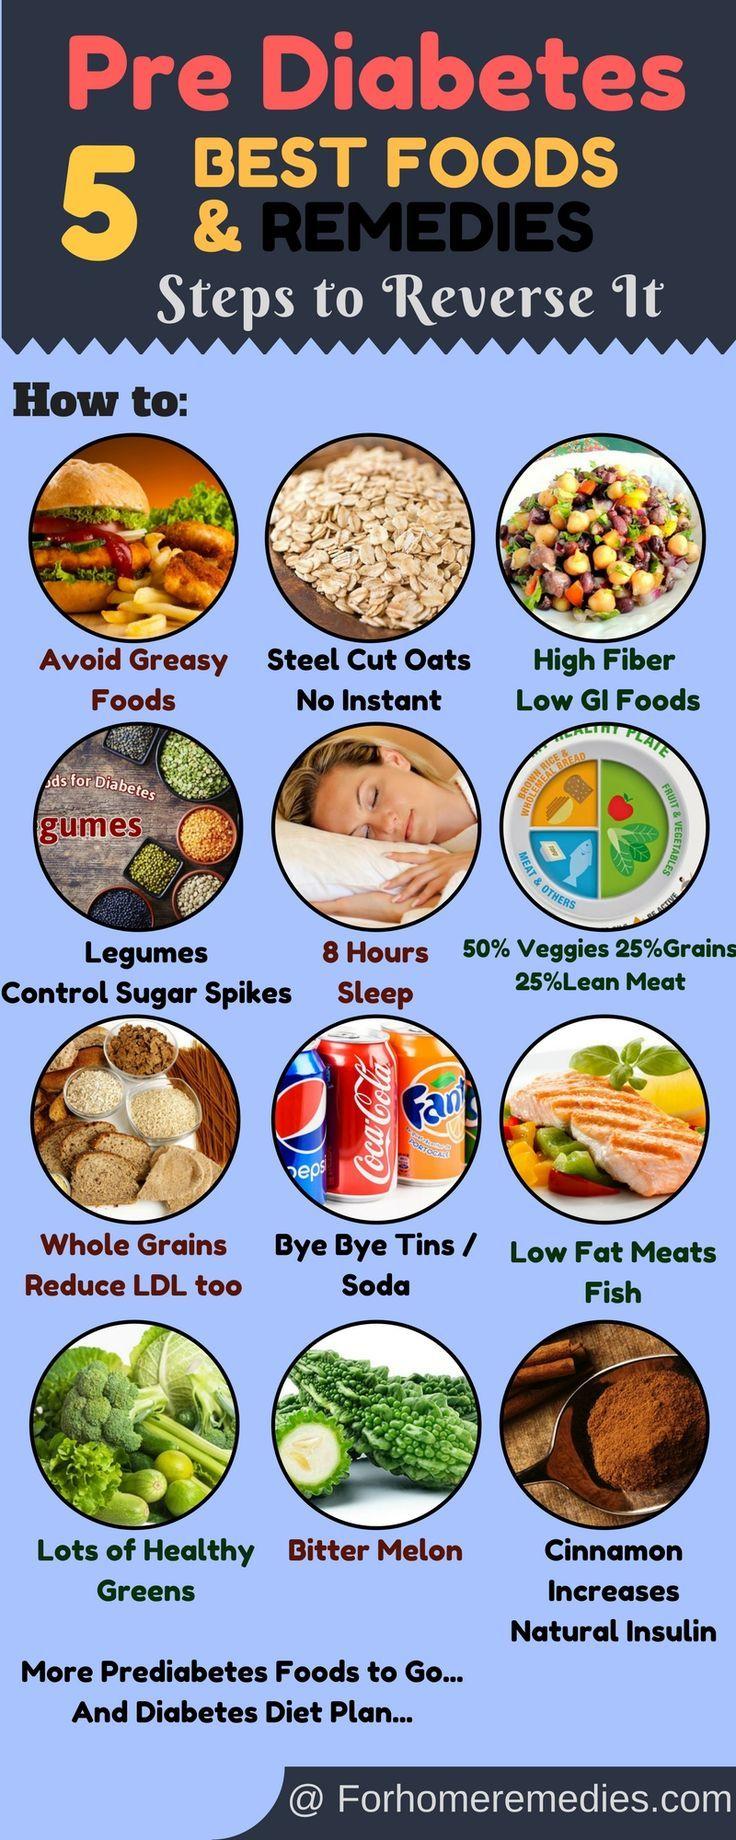 food for prediabetes diet